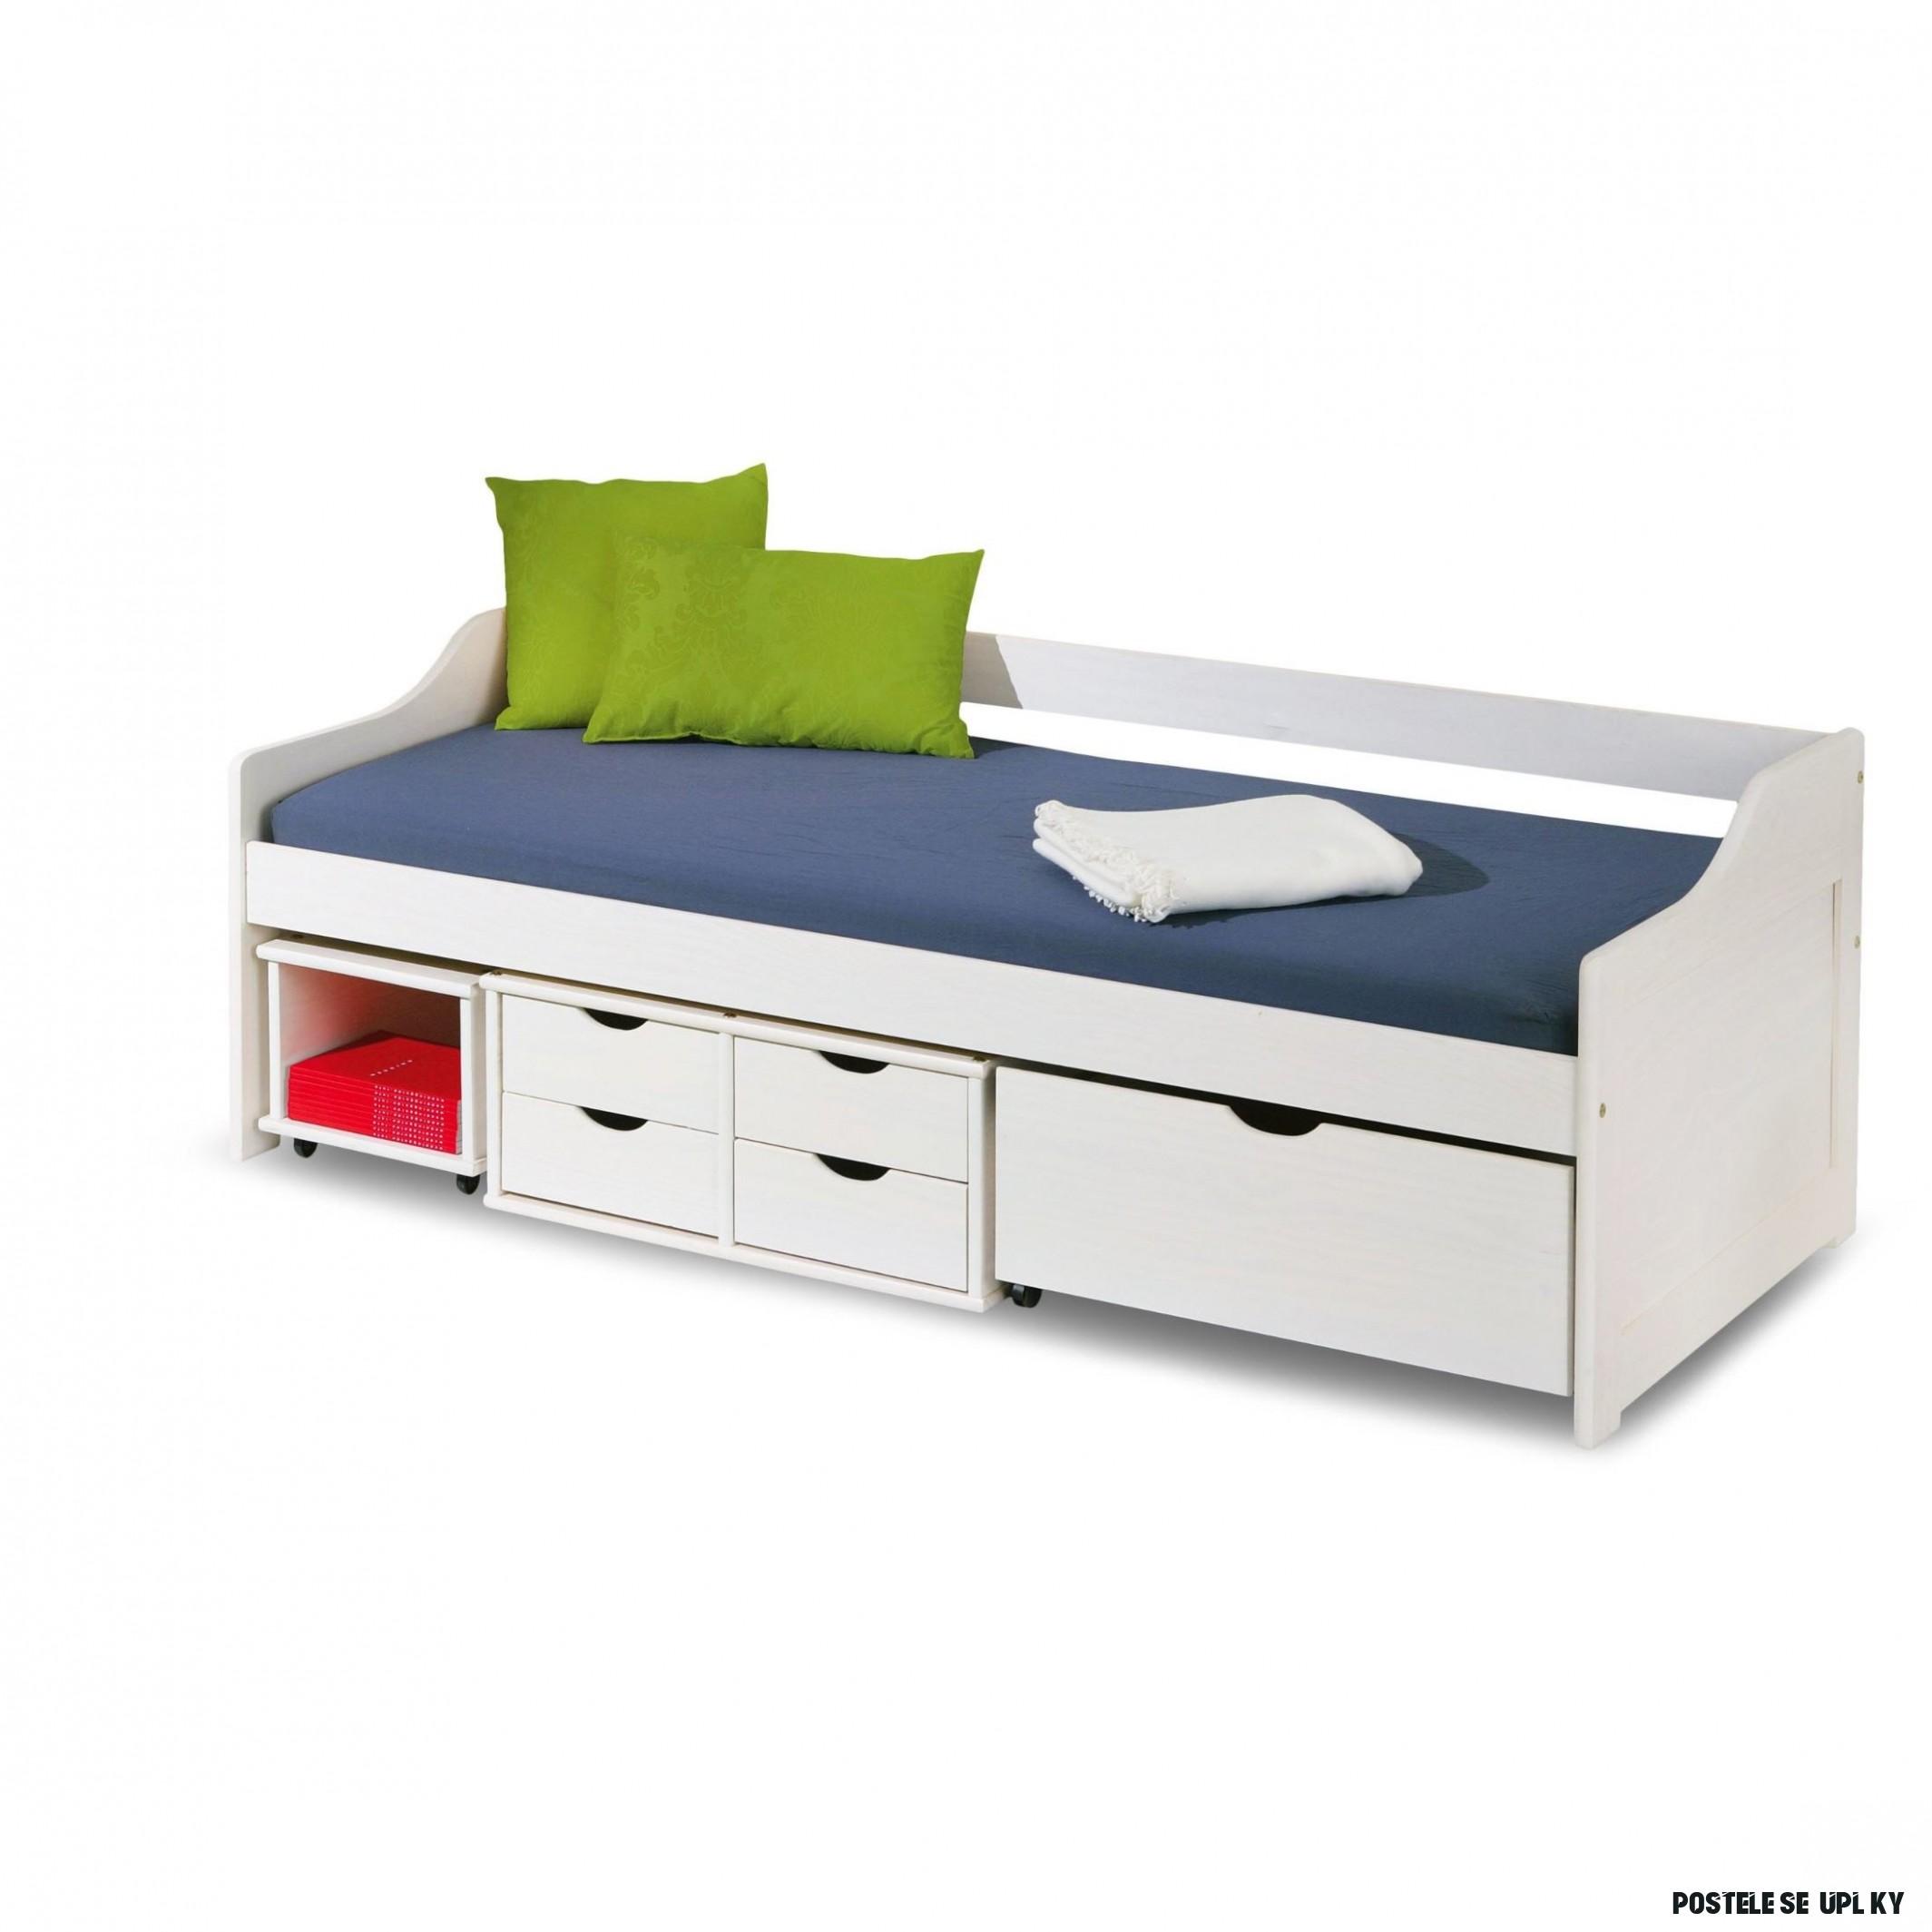 Dětská postel z masivu se šuplíky 8x8cm FLÓRA